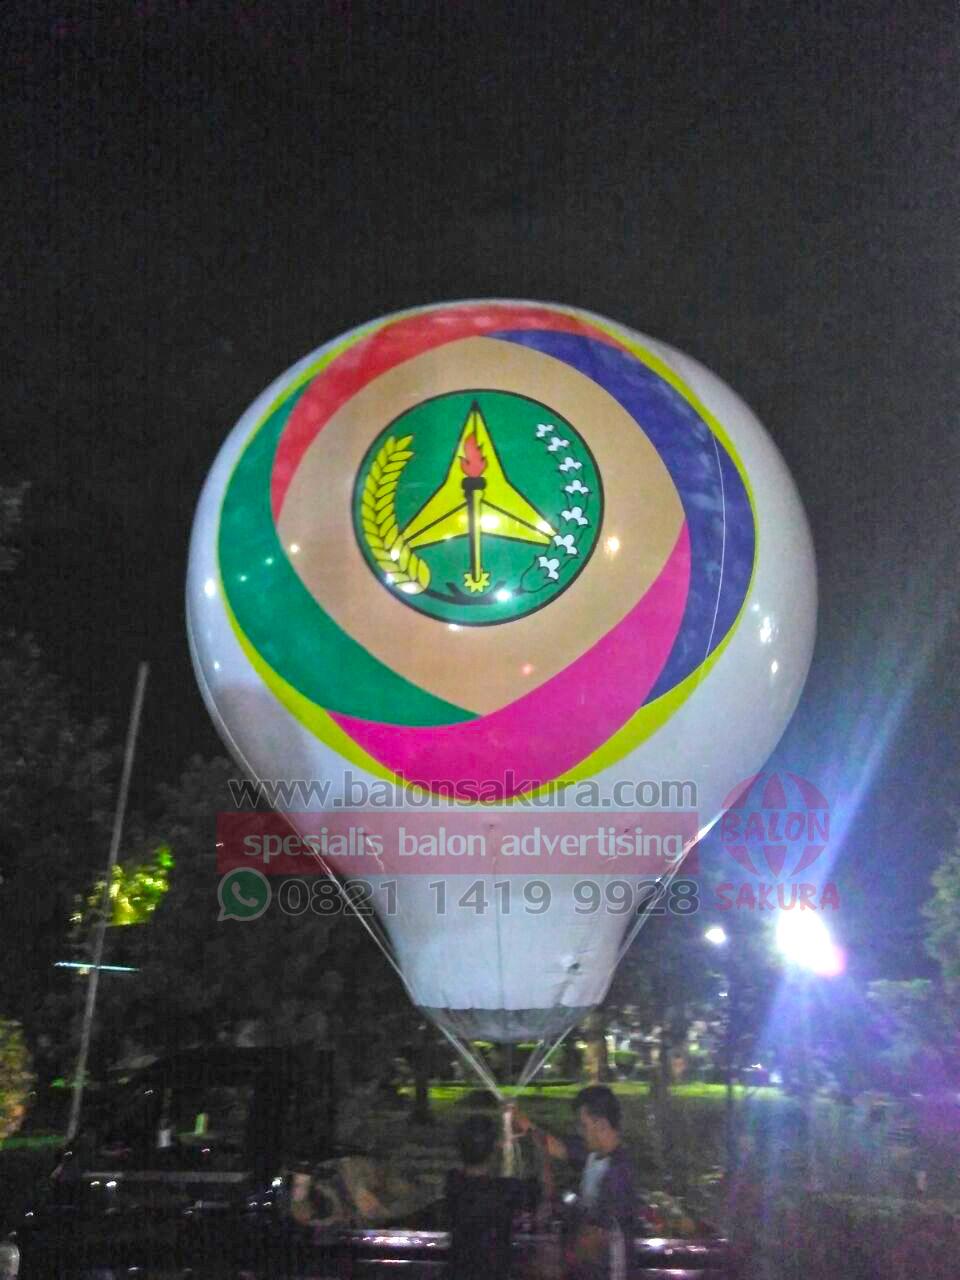 balon udara iad